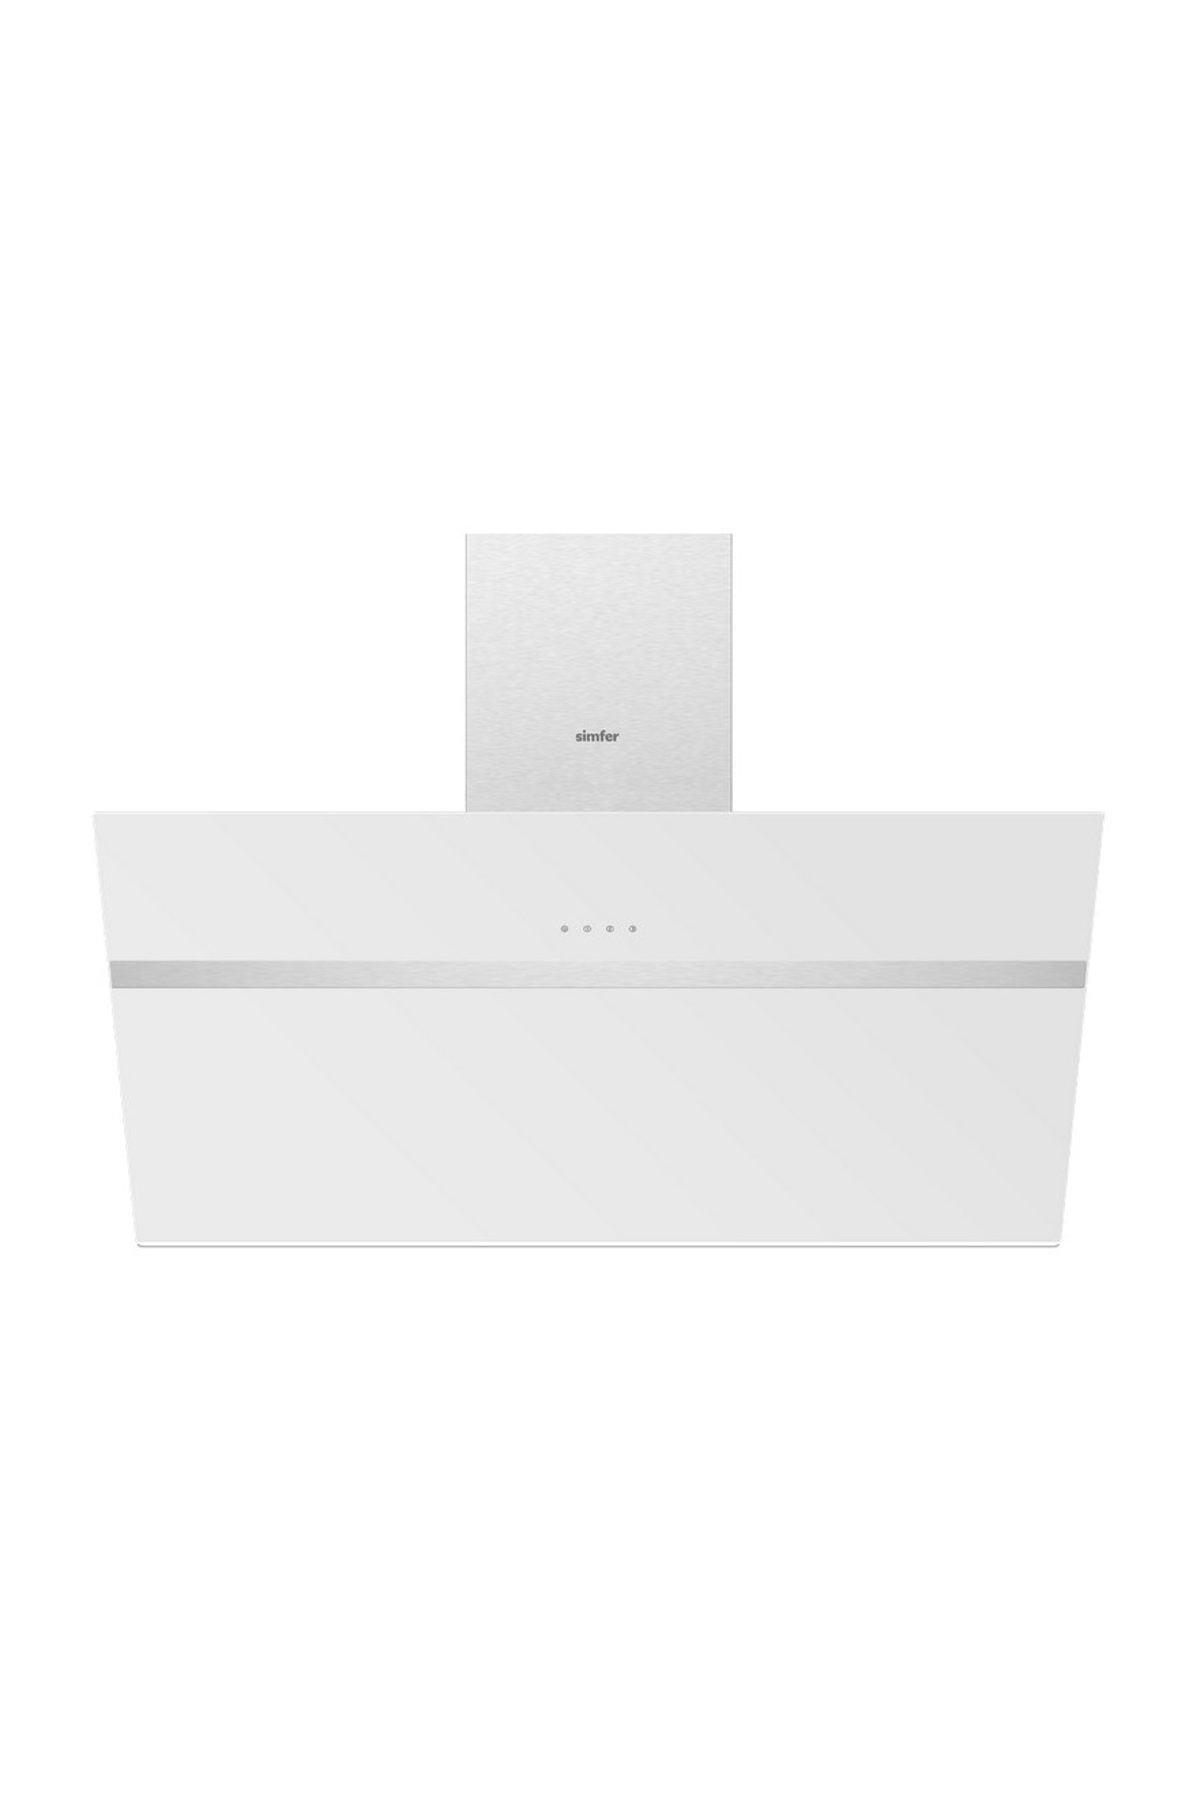 Simfer 8912 90 cm Beyaz Eğik Cam Davlumbaz 1